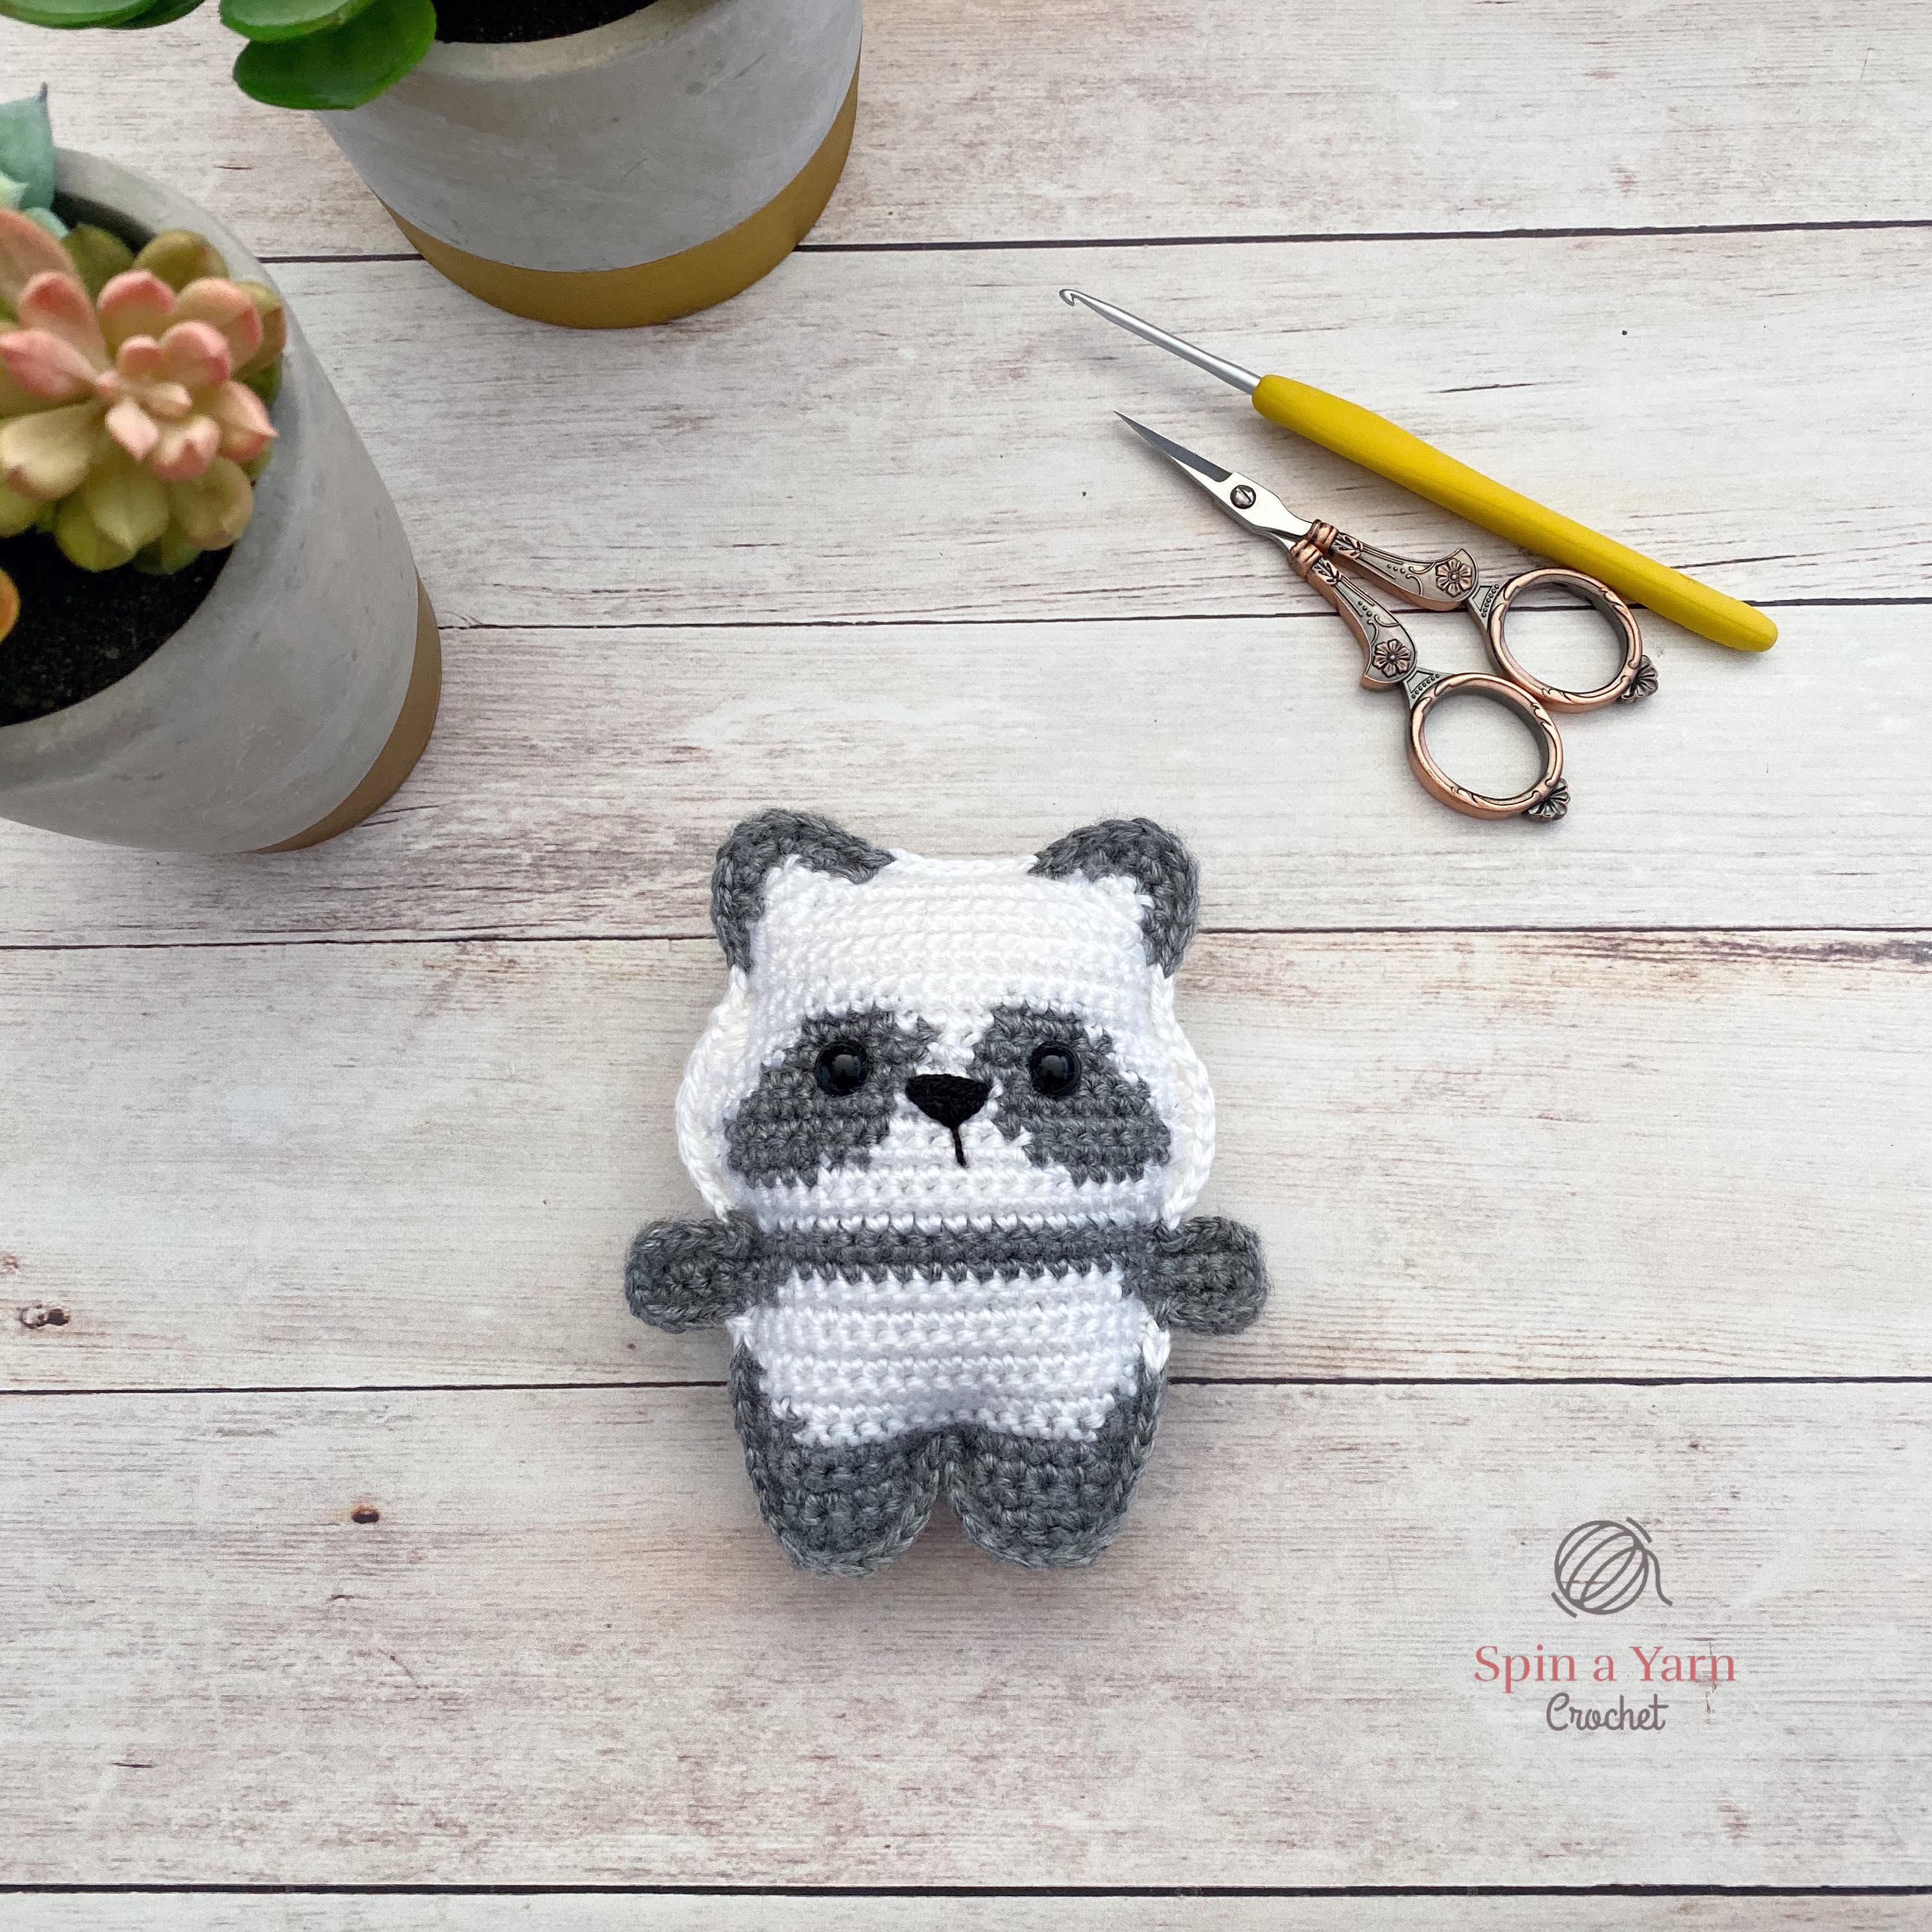 Craft Lotus: Panda (Free Amigurumi Pattern) | Crochet panda ... | 3024x3024